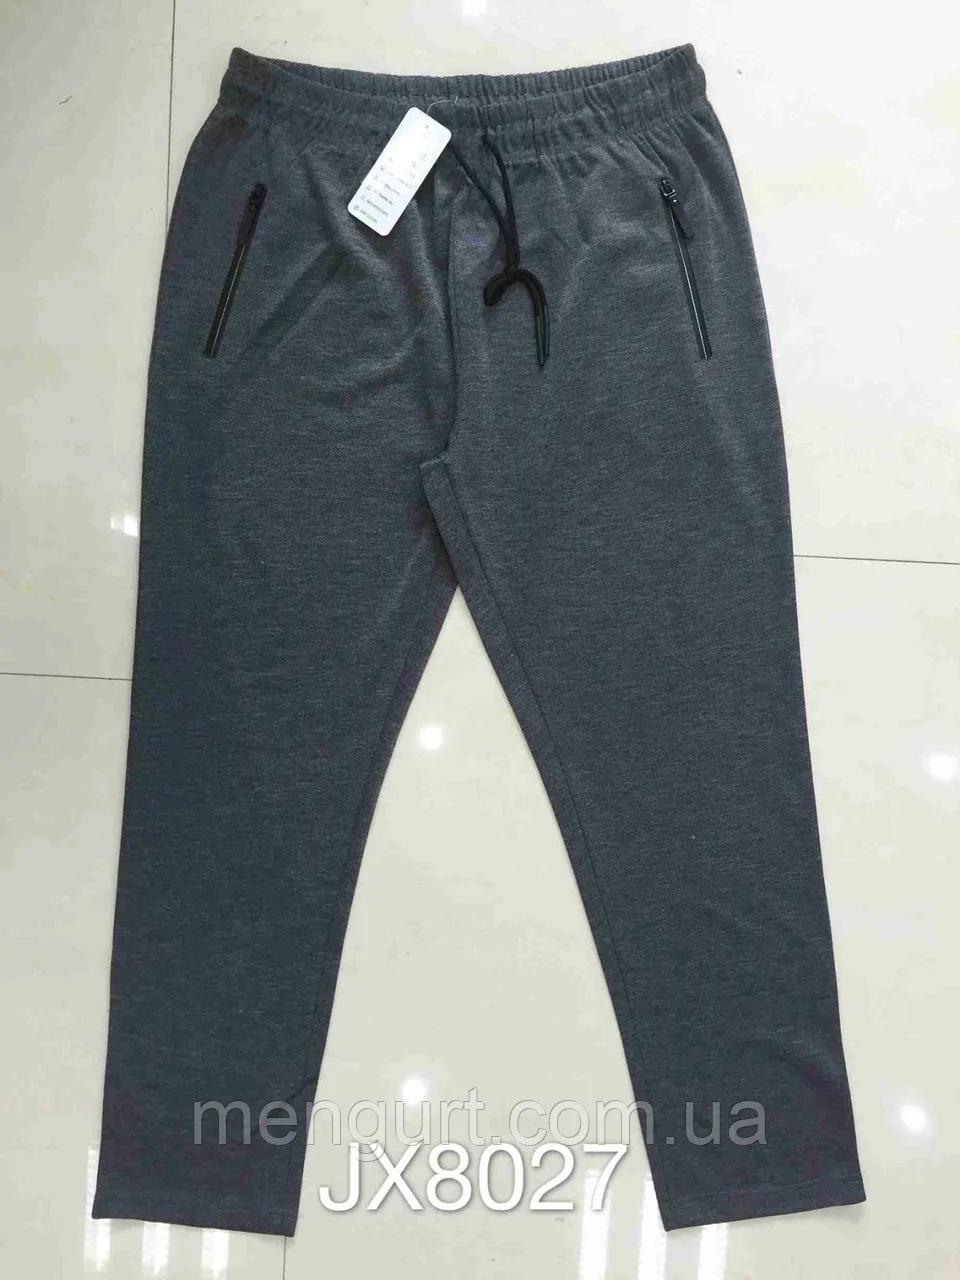 Спортивные брюки больших размеров